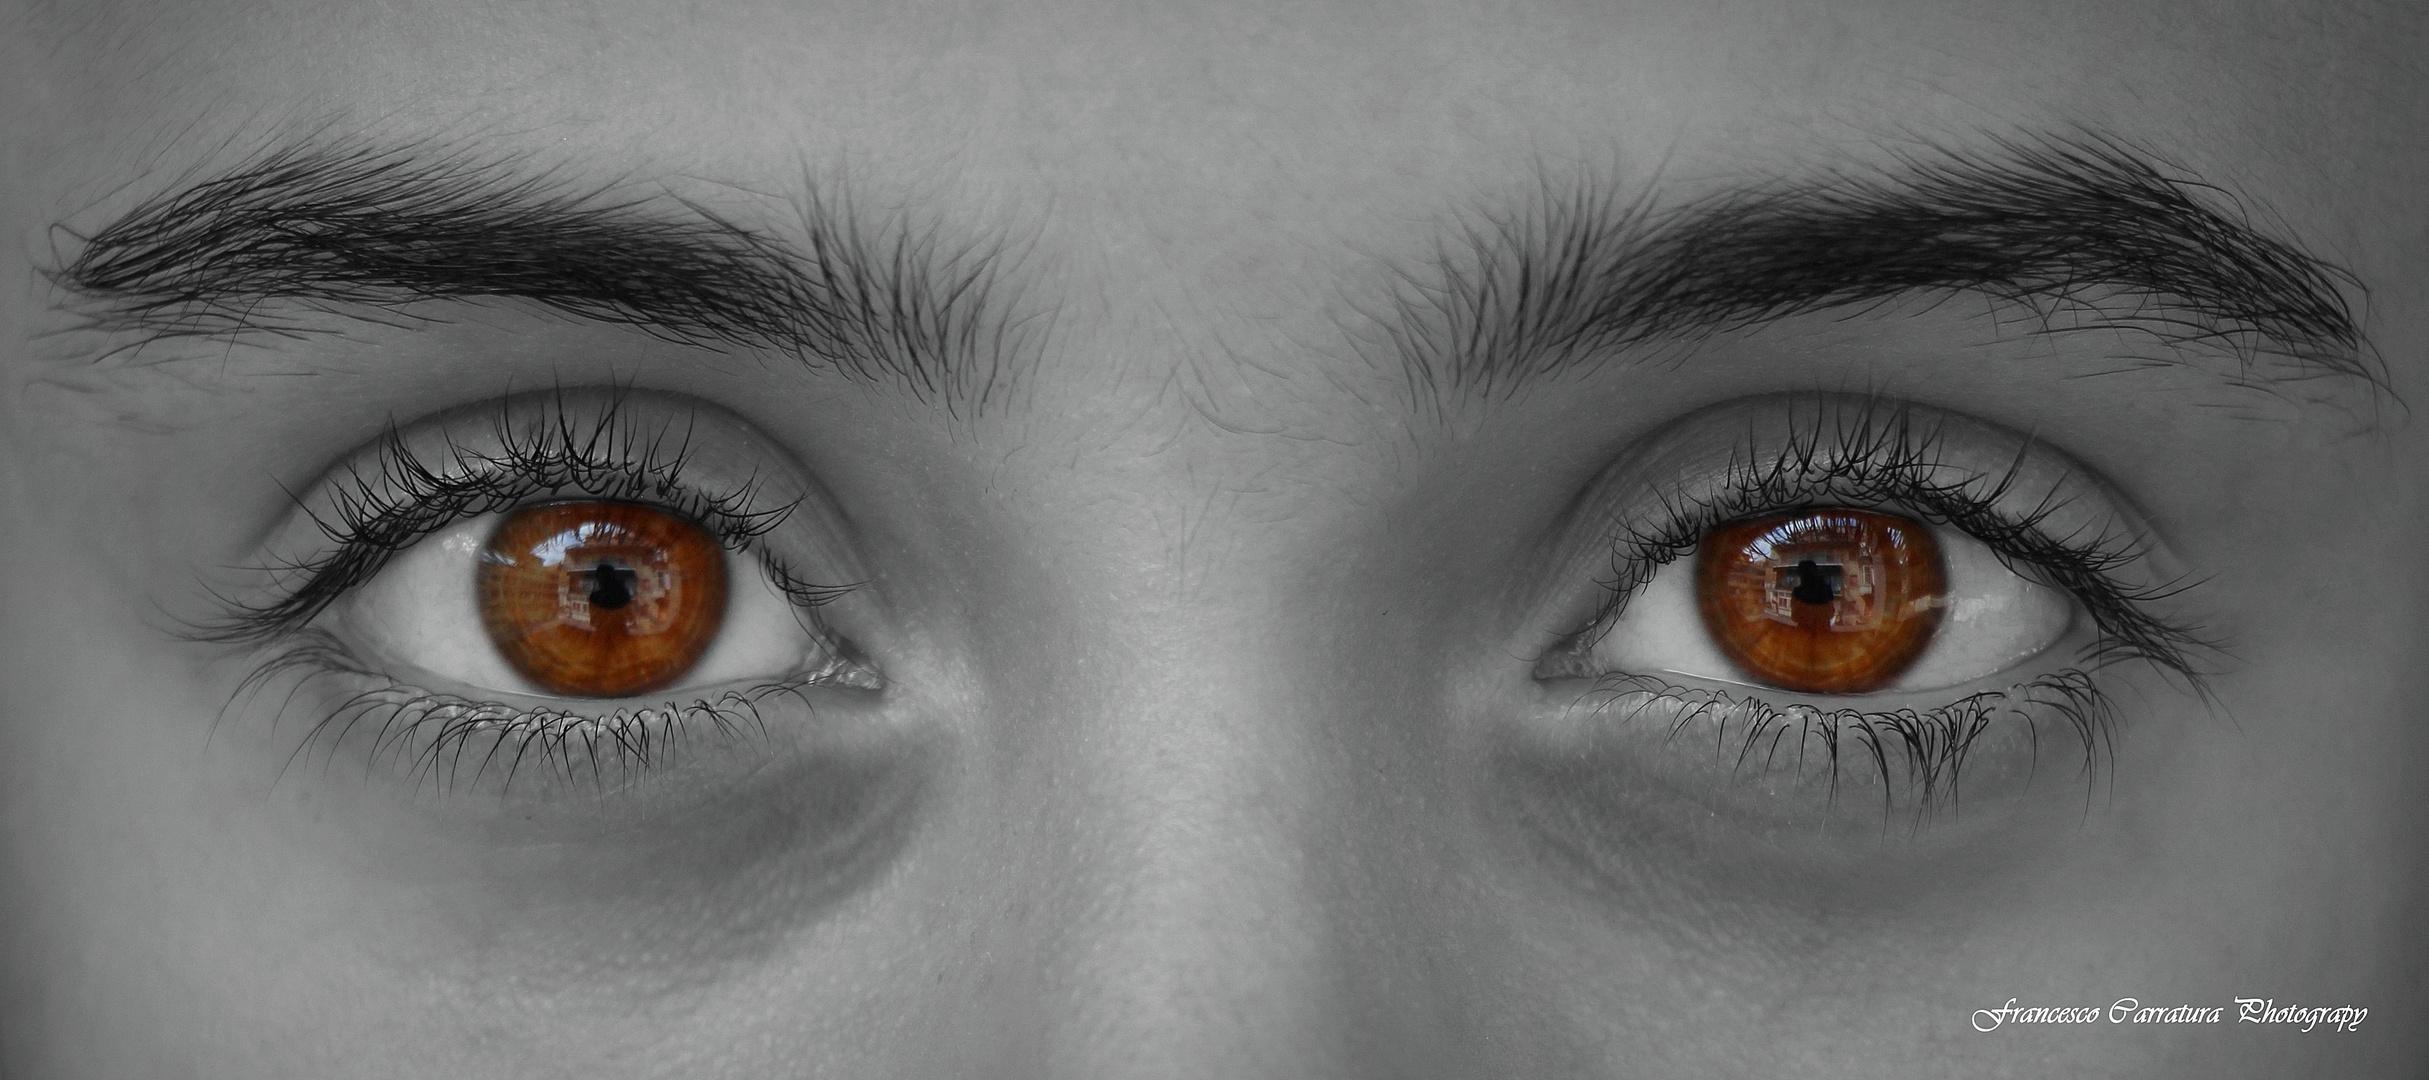 Gli occhi sono lo specchio dell 39 anima foto immagini - Occhi specchio dell anima ...